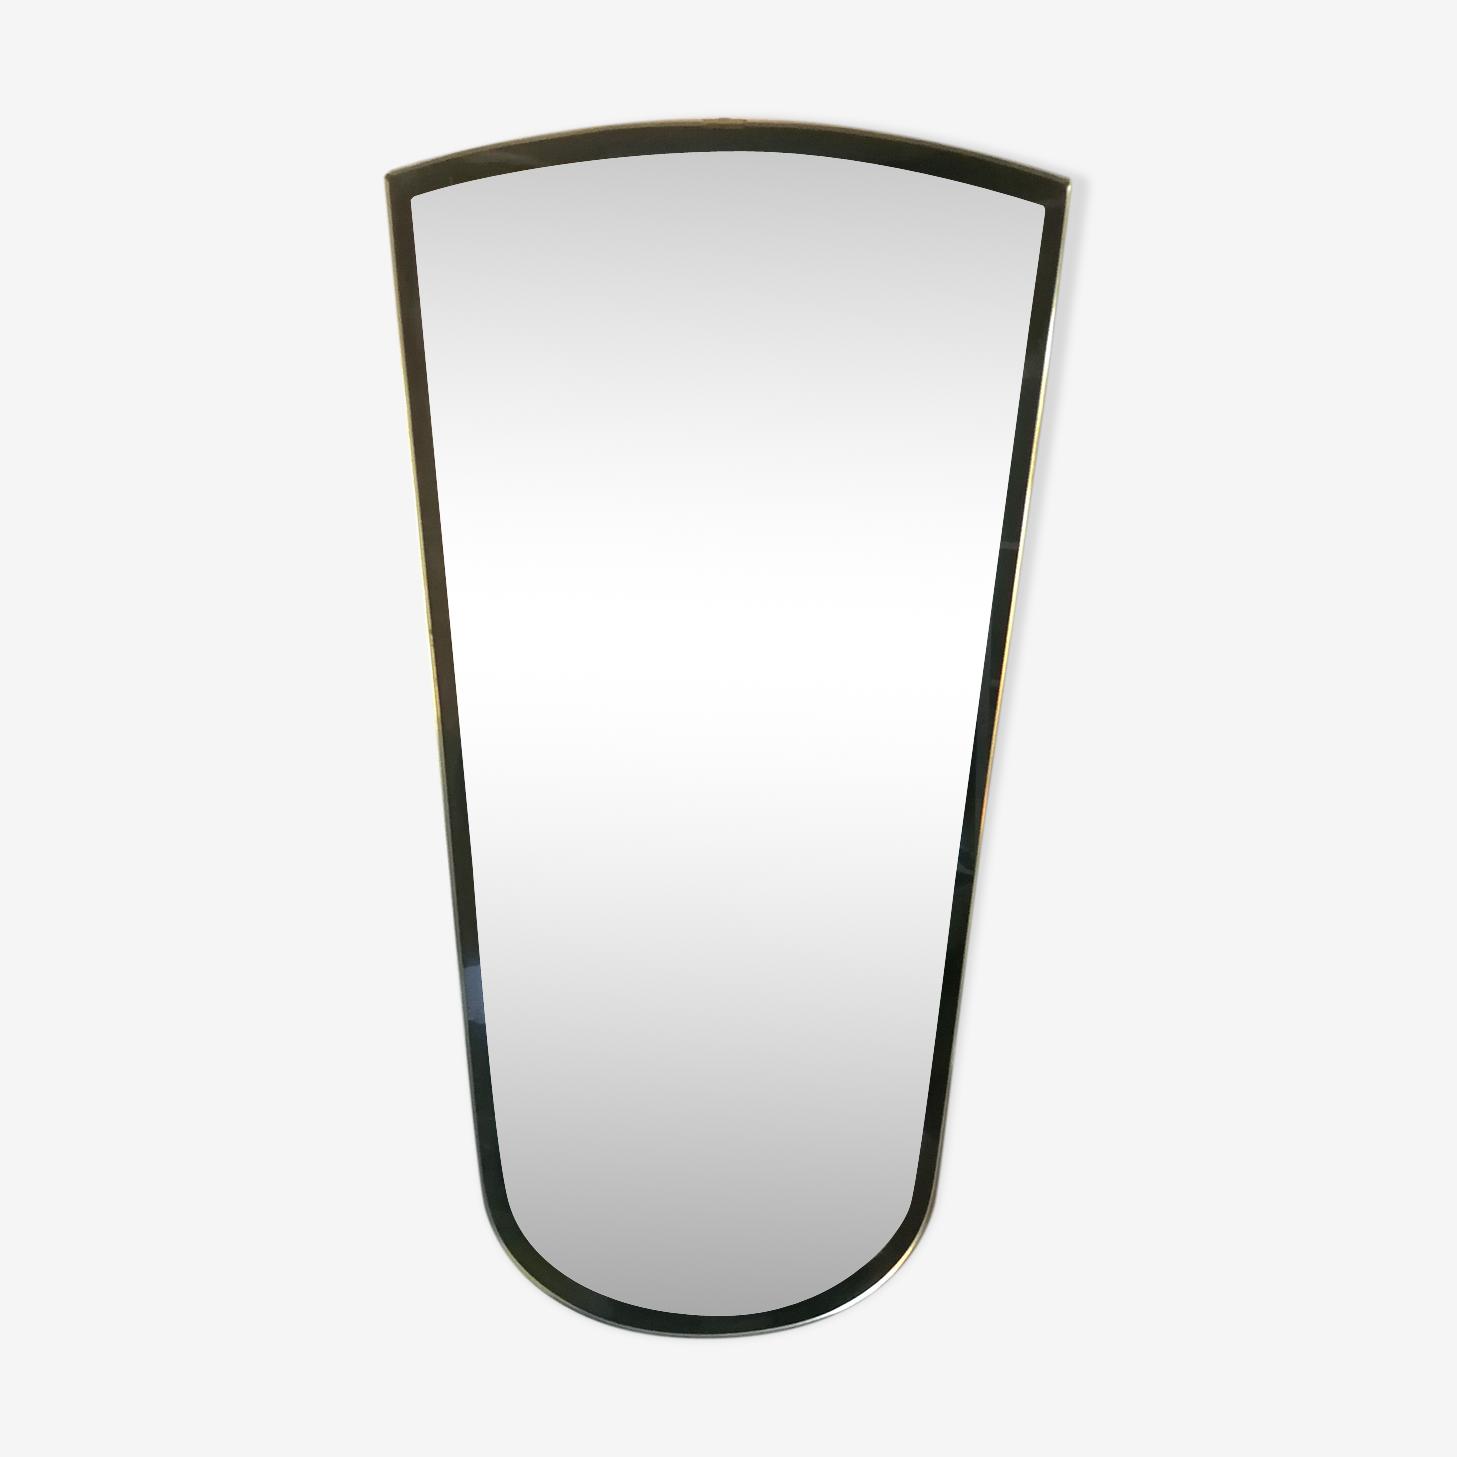 Miroir rétroviseur années 50 - 36x68cm